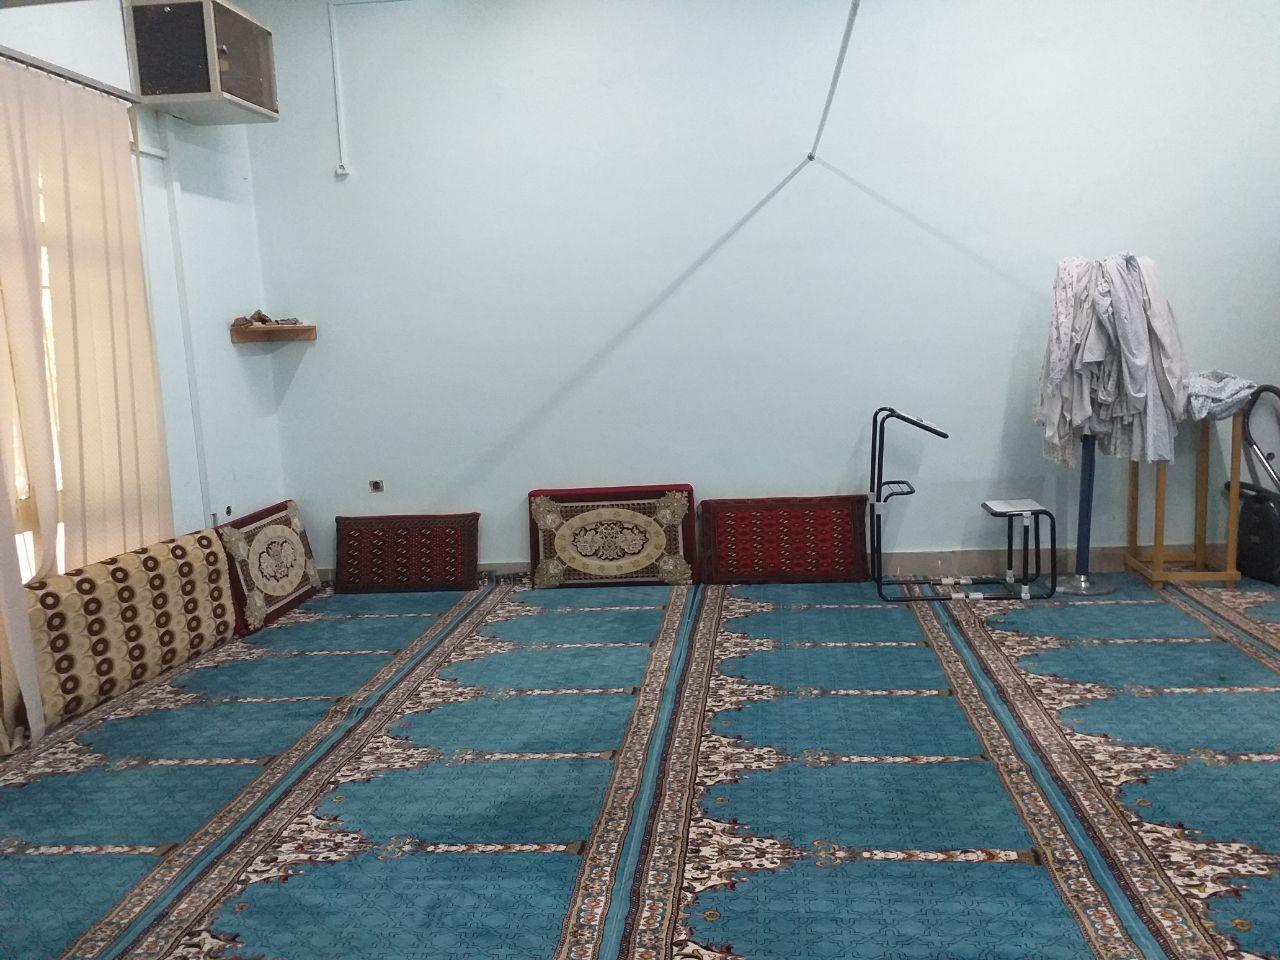 تکذیب انتشار تصویر منتسب به بیمارستان شهدای عشایر خرمآباد